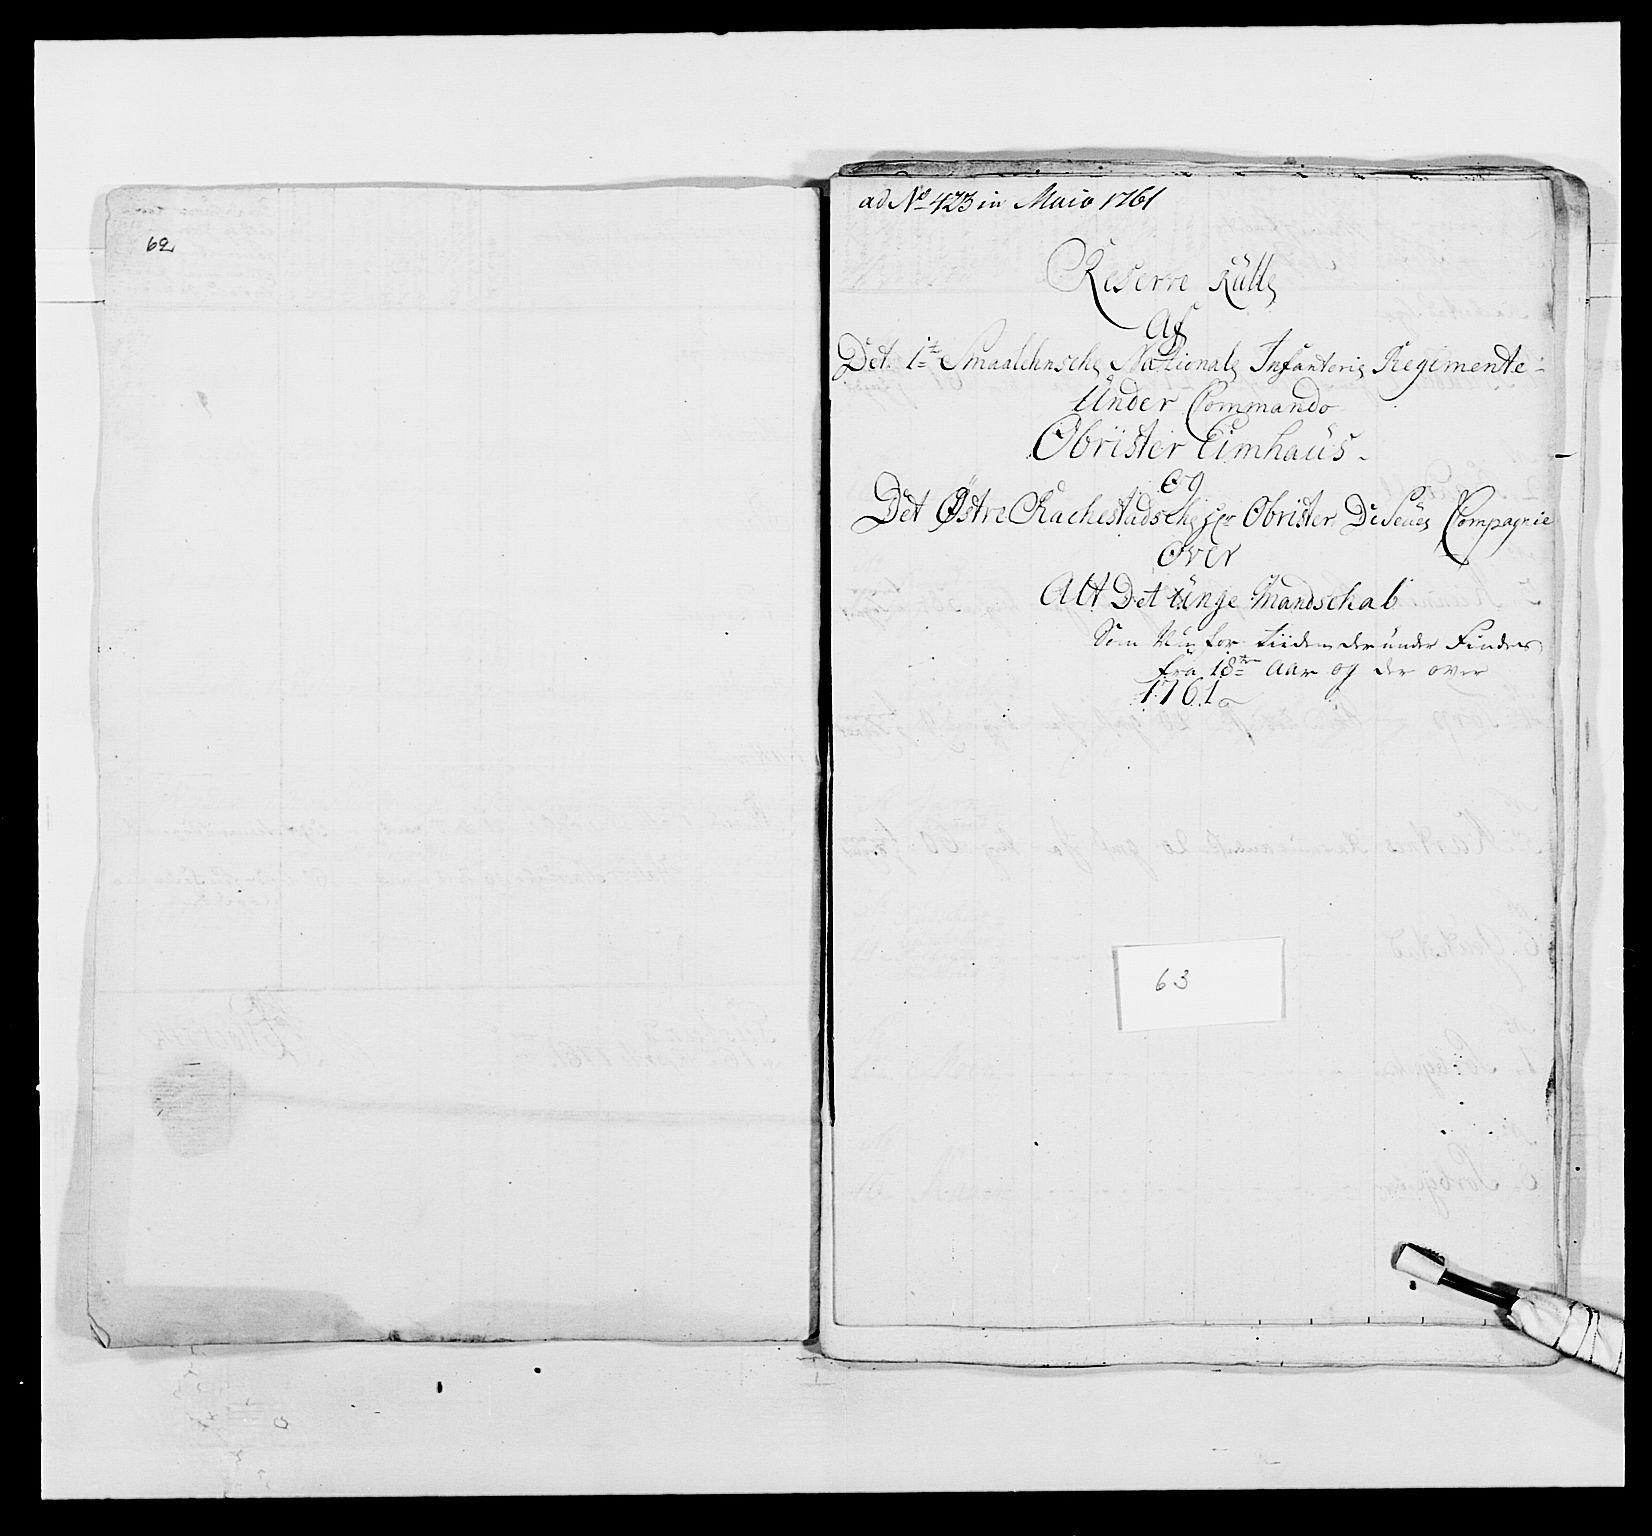 RA, Kommanderende general (KG I) med Det norske krigsdirektorium, E/Ea/L0495: 1. Smålenske regiment, 1732-1763, s. 788